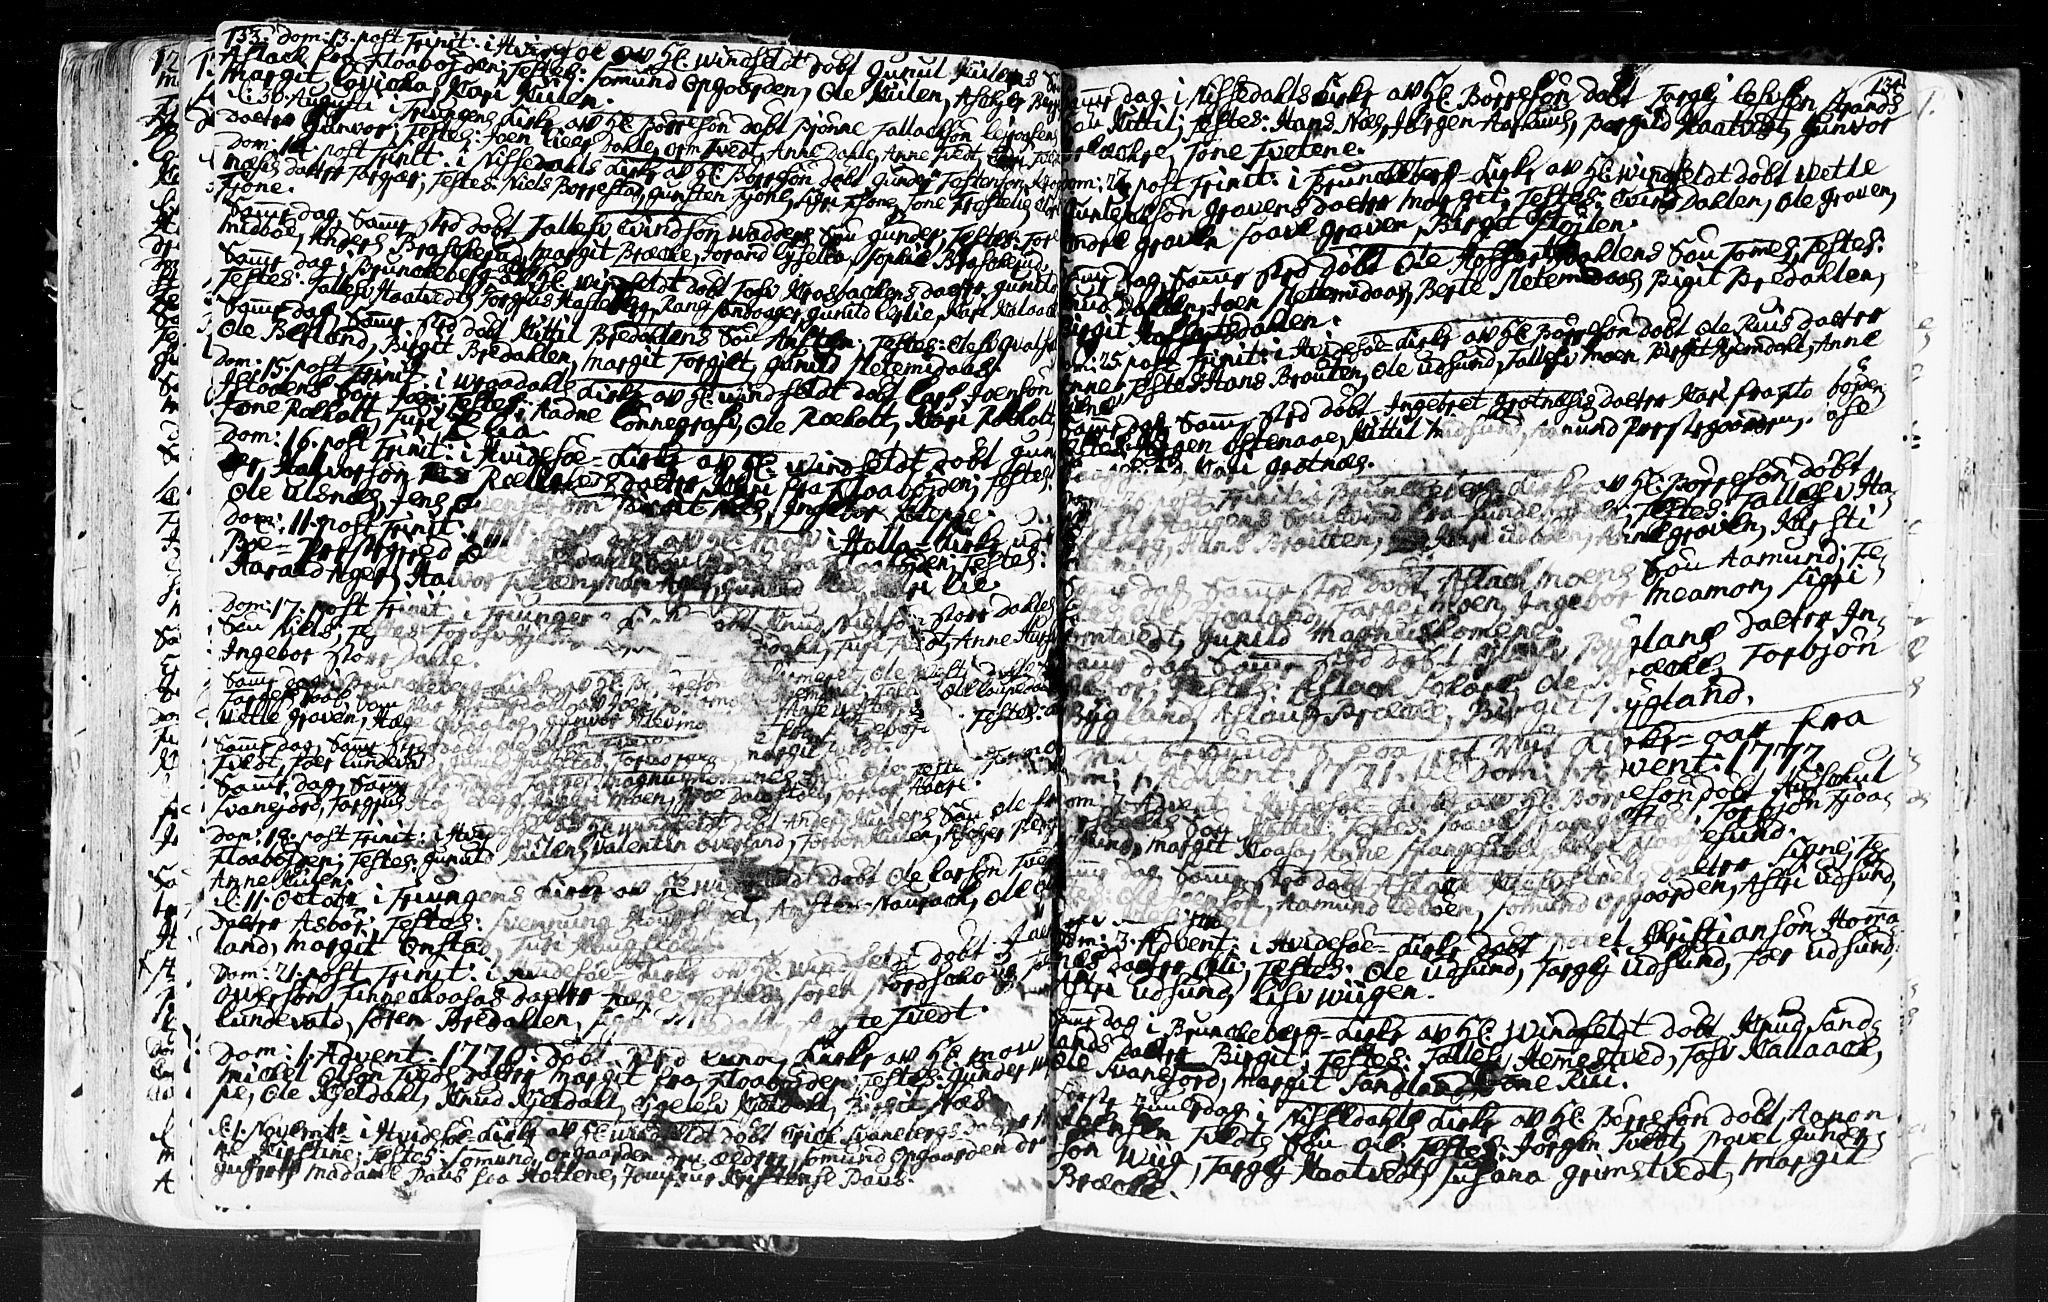 SAKO, Kviteseid kirkebøker, F/Fa/L0001: Ministerialbok nr. I 1, 1754-1773, s. 133-134